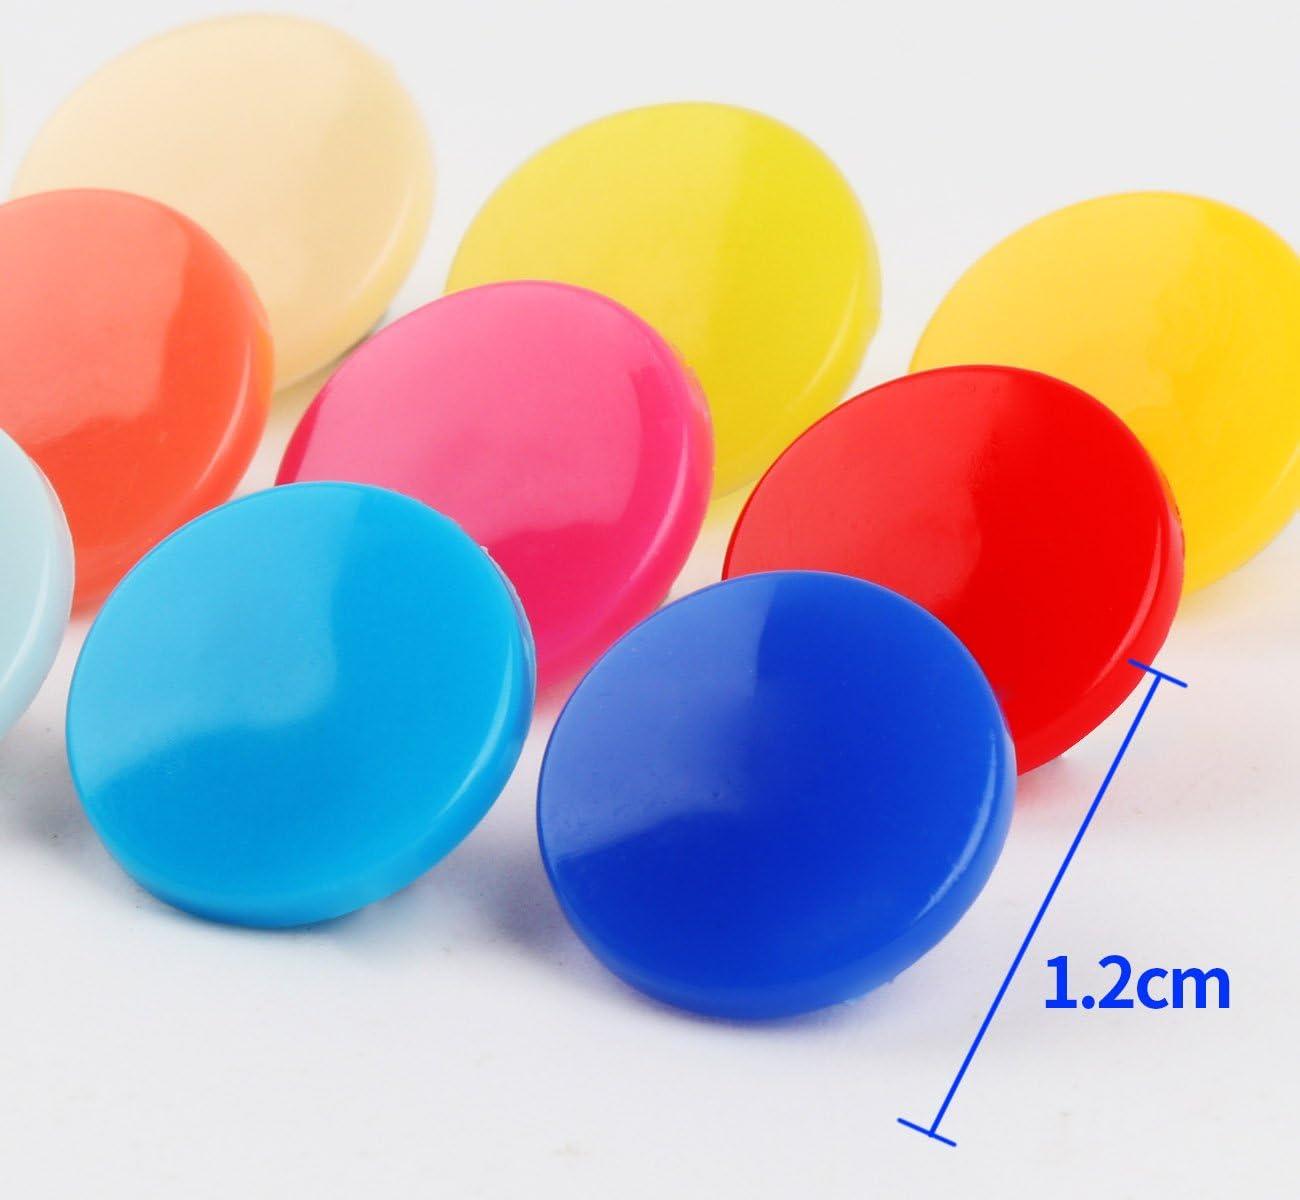 ilauke Botón Presión, 24 Colores de 408 Piezas de Plástico ...